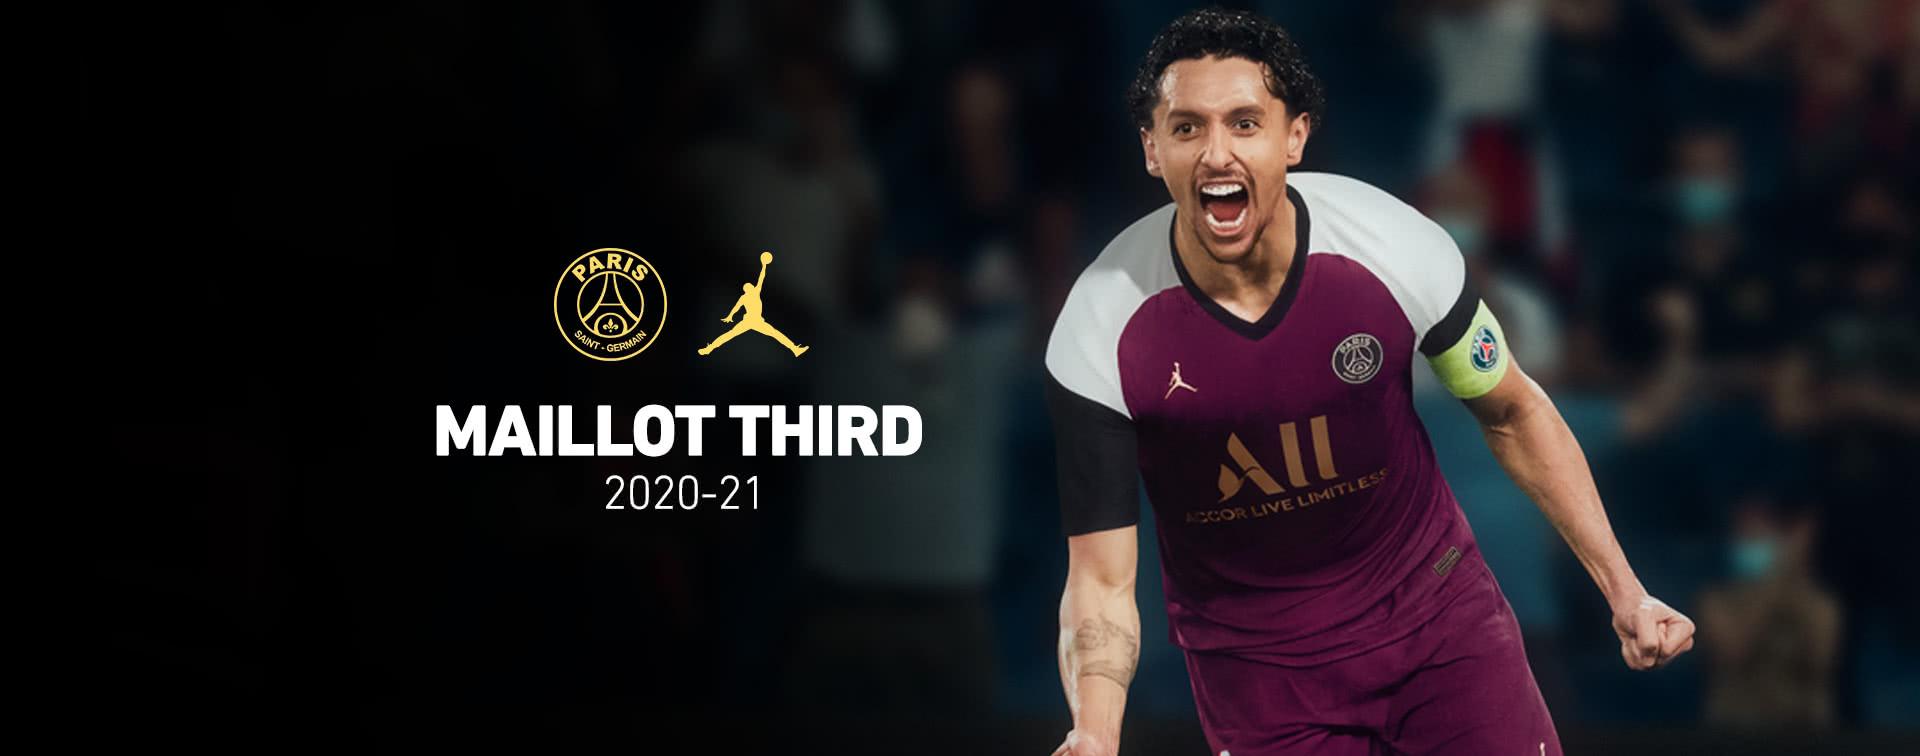 Maillot third PSG 2020-2021